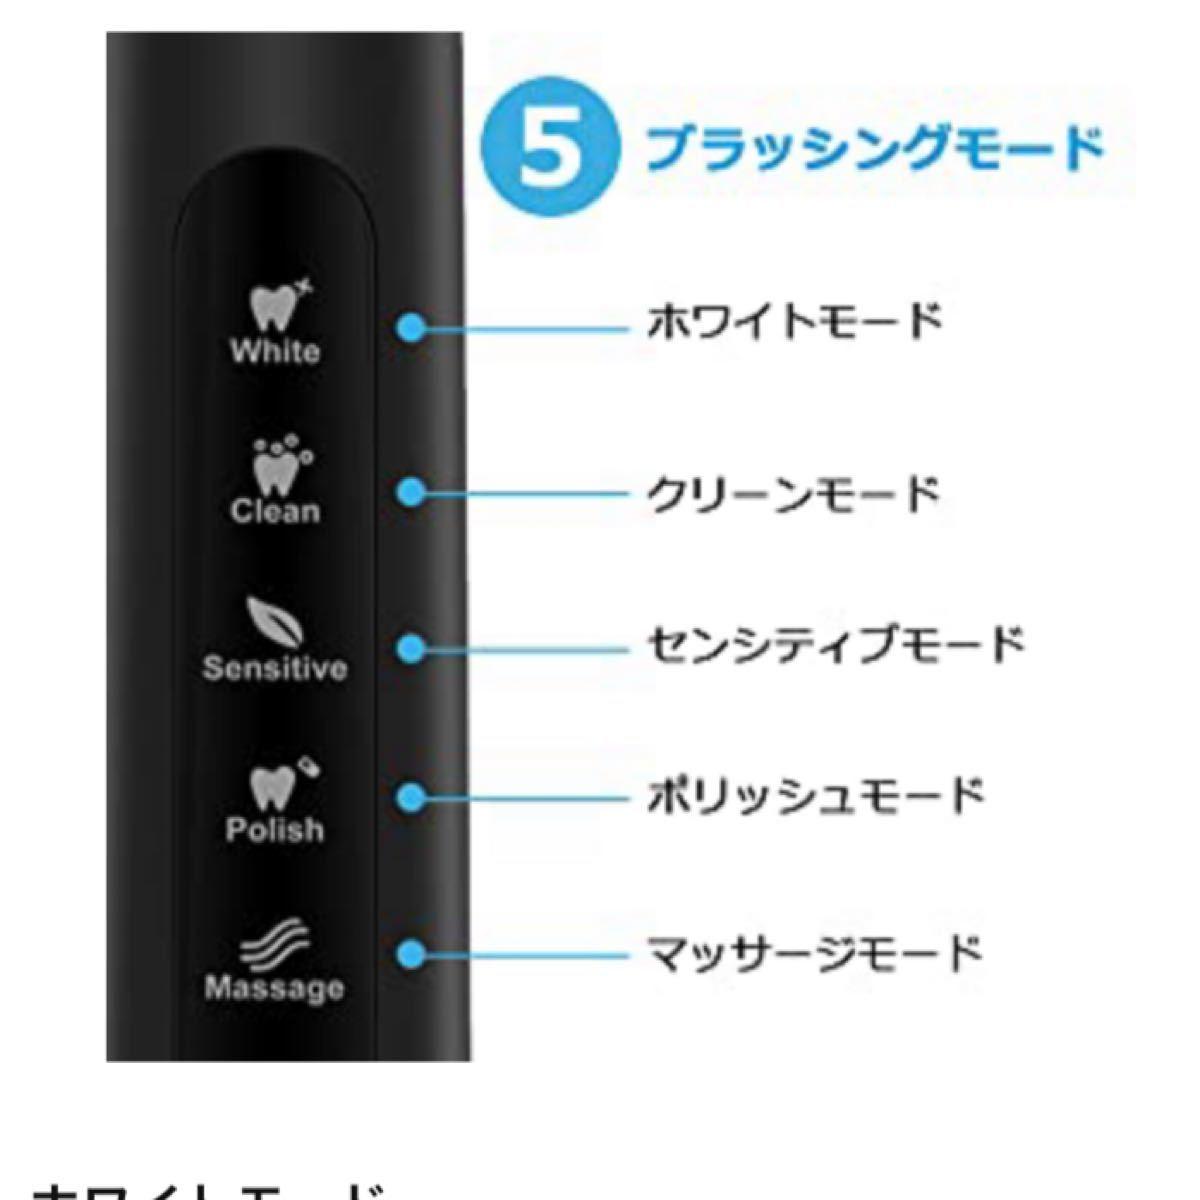 【新品】3本セット 電動歯ブラシ 歯ブラシ Fairywill 音波歯ブラシ 充電式 ホワイト ソニック IPX7防水